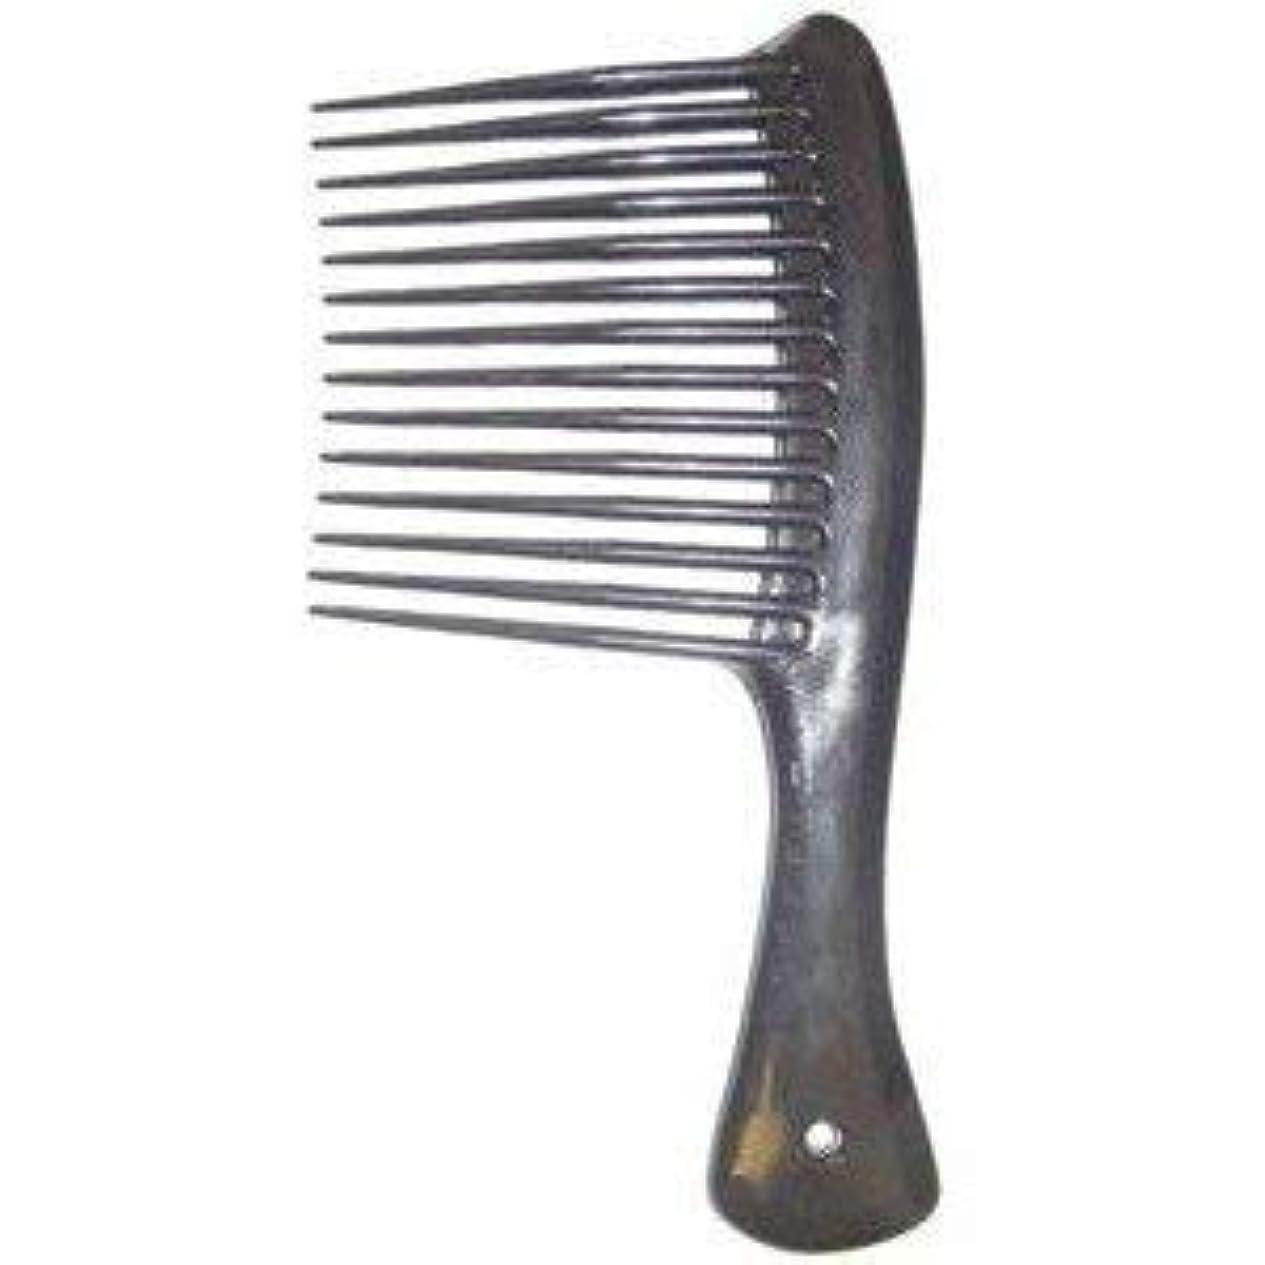 音声学ありふれたネットLarge Tooth Shampoo Detangling Comb Rack Hair Comb (Black) [並行輸入品]